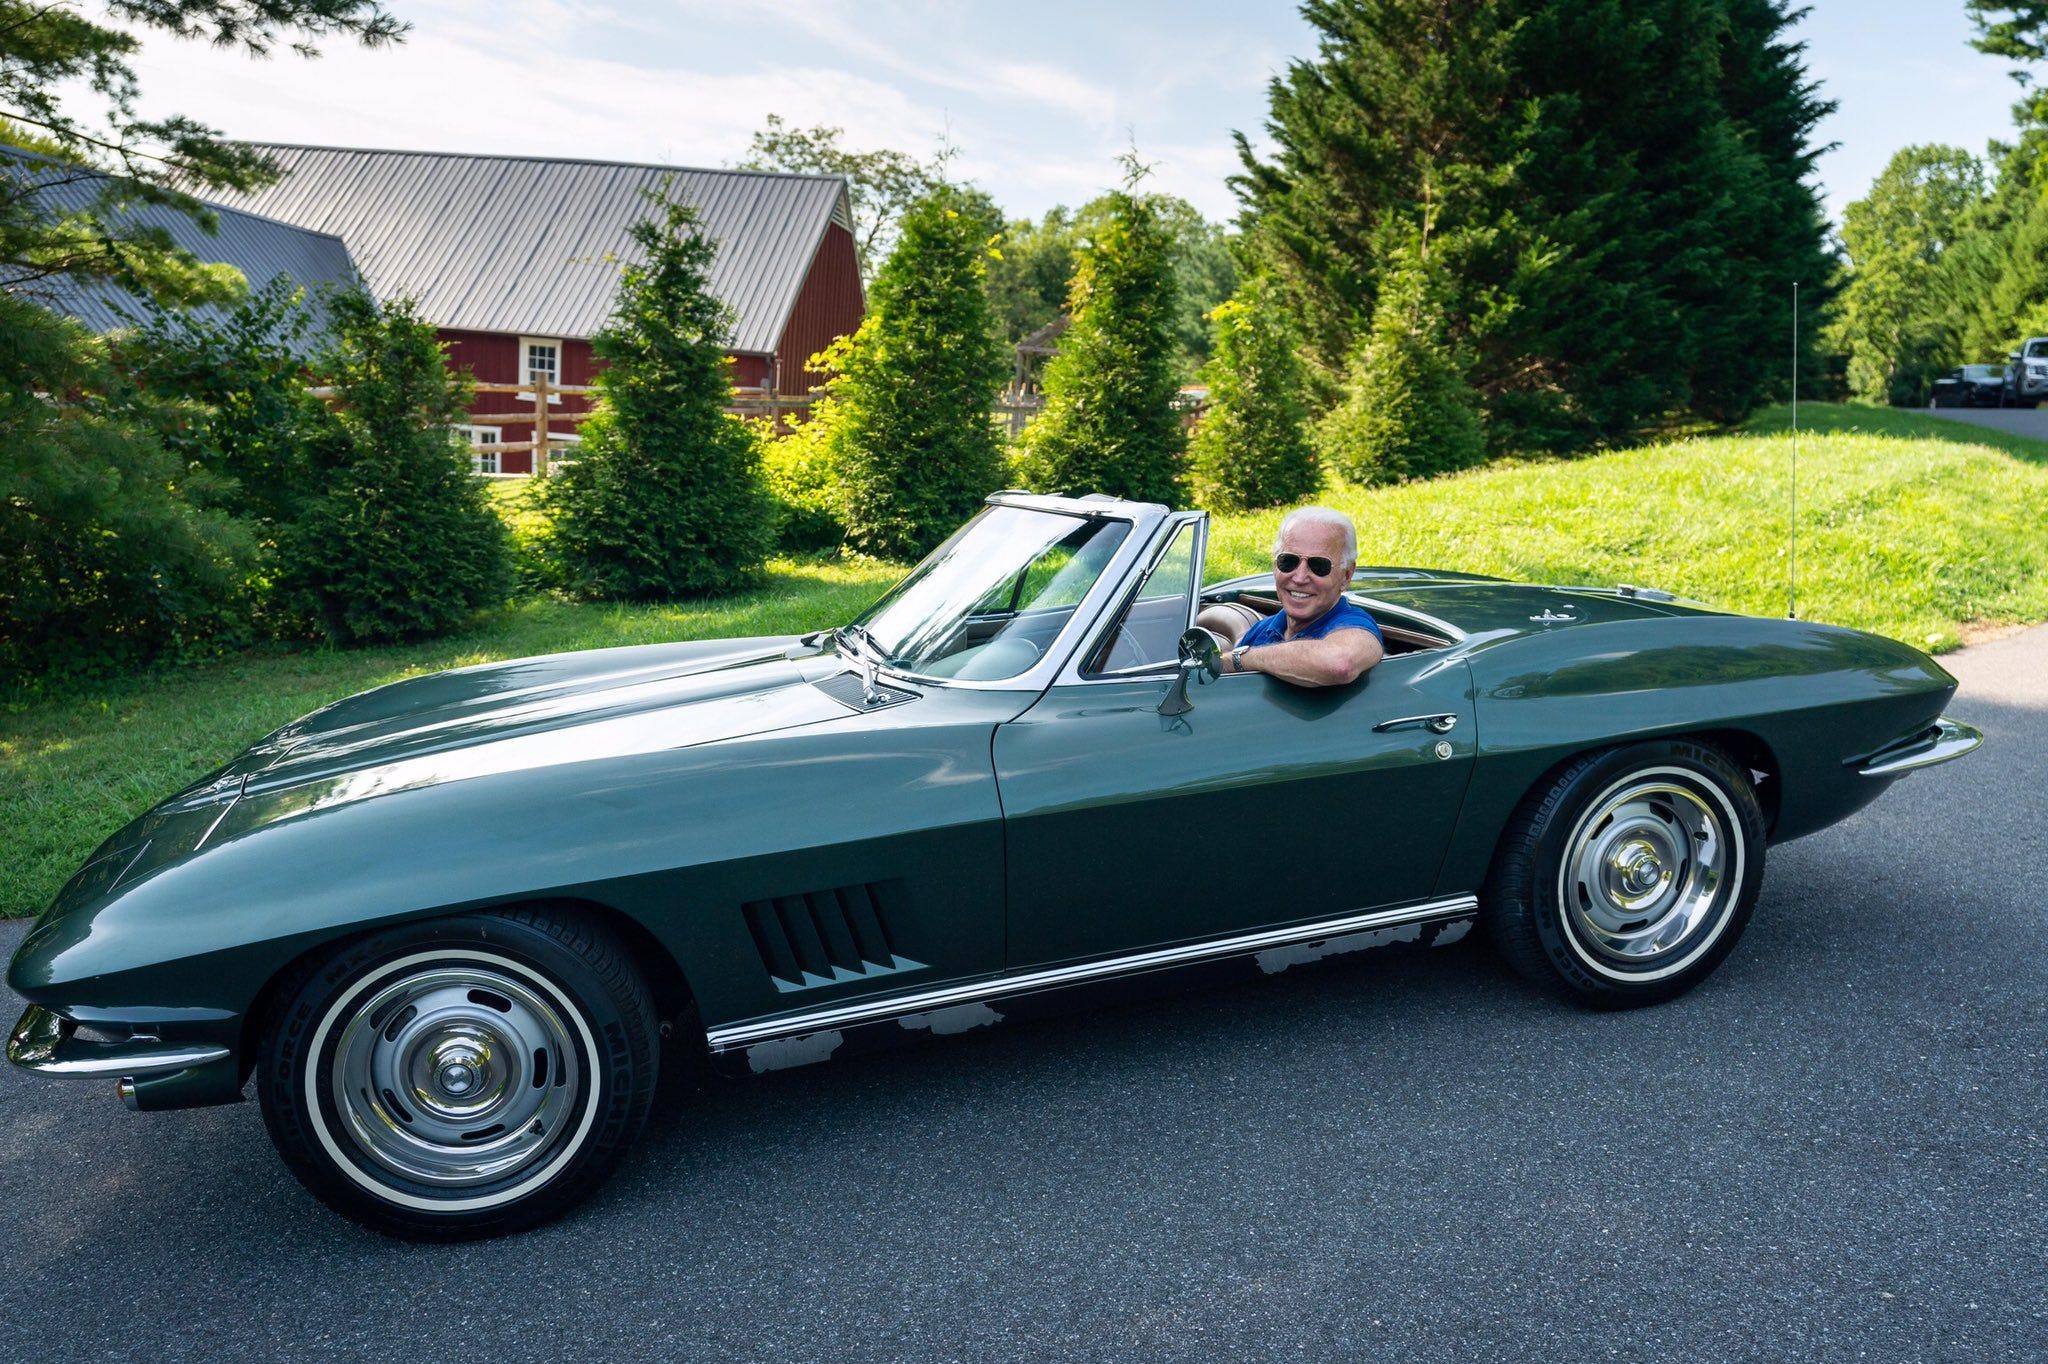 Chiếc xe yêu thích nhất của ứng viên tổng thống Joe Biden và ký ức về cha - Ảnh 2